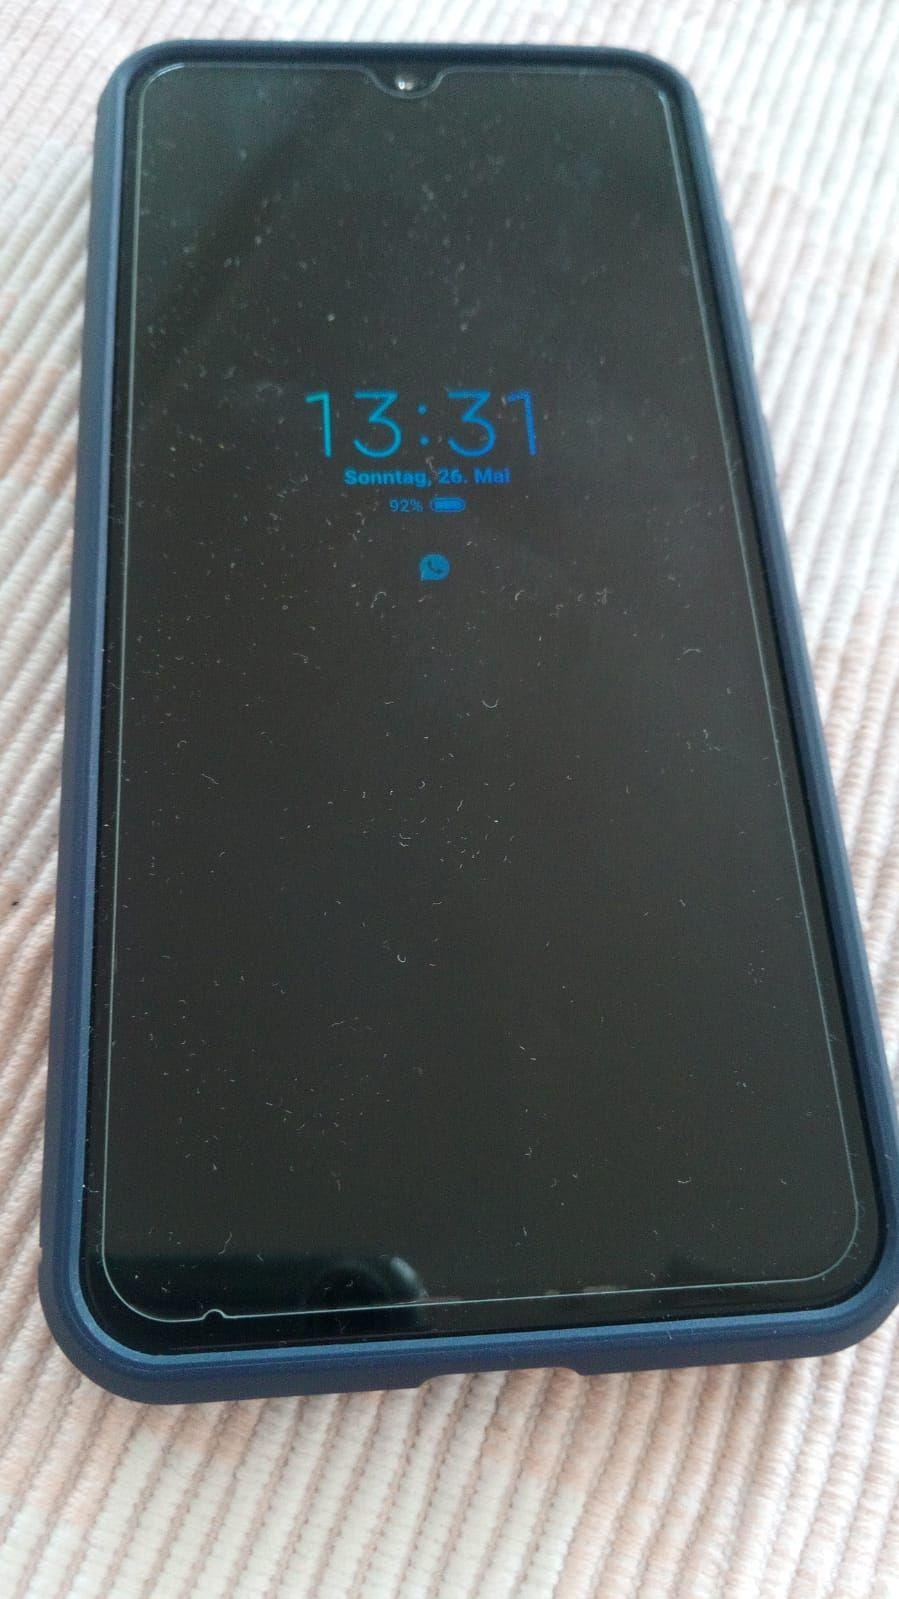 21818483.jpg